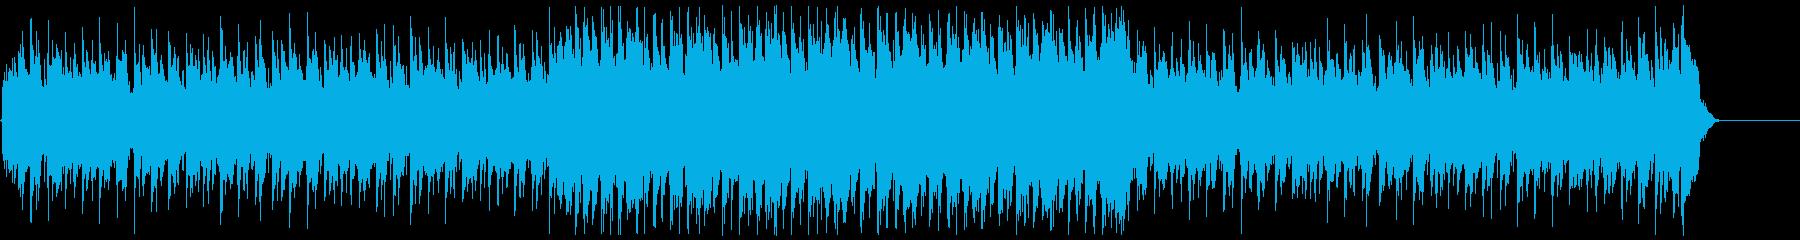 YouTube・夏の海・楽しいレゲエの再生済みの波形